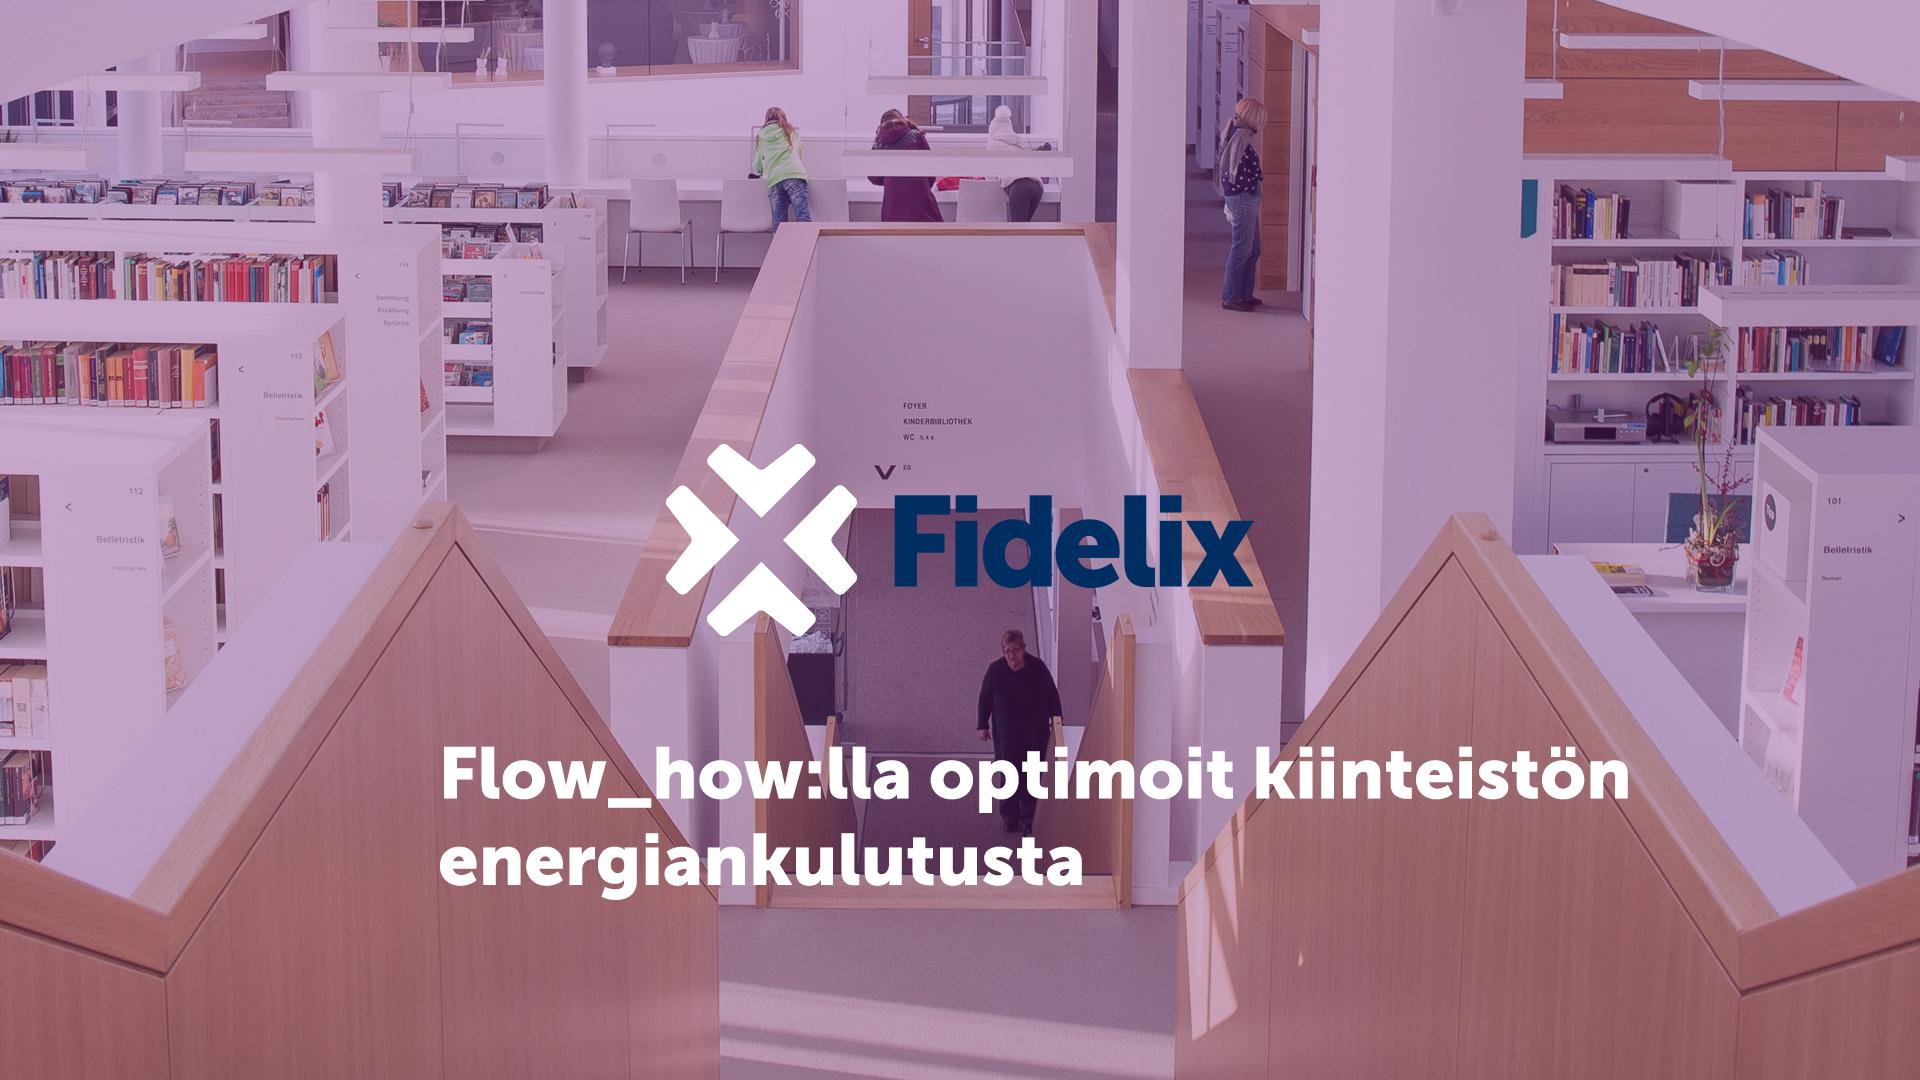 Flow_how:n avulla optimoit kiinteistösi energiankulutusta